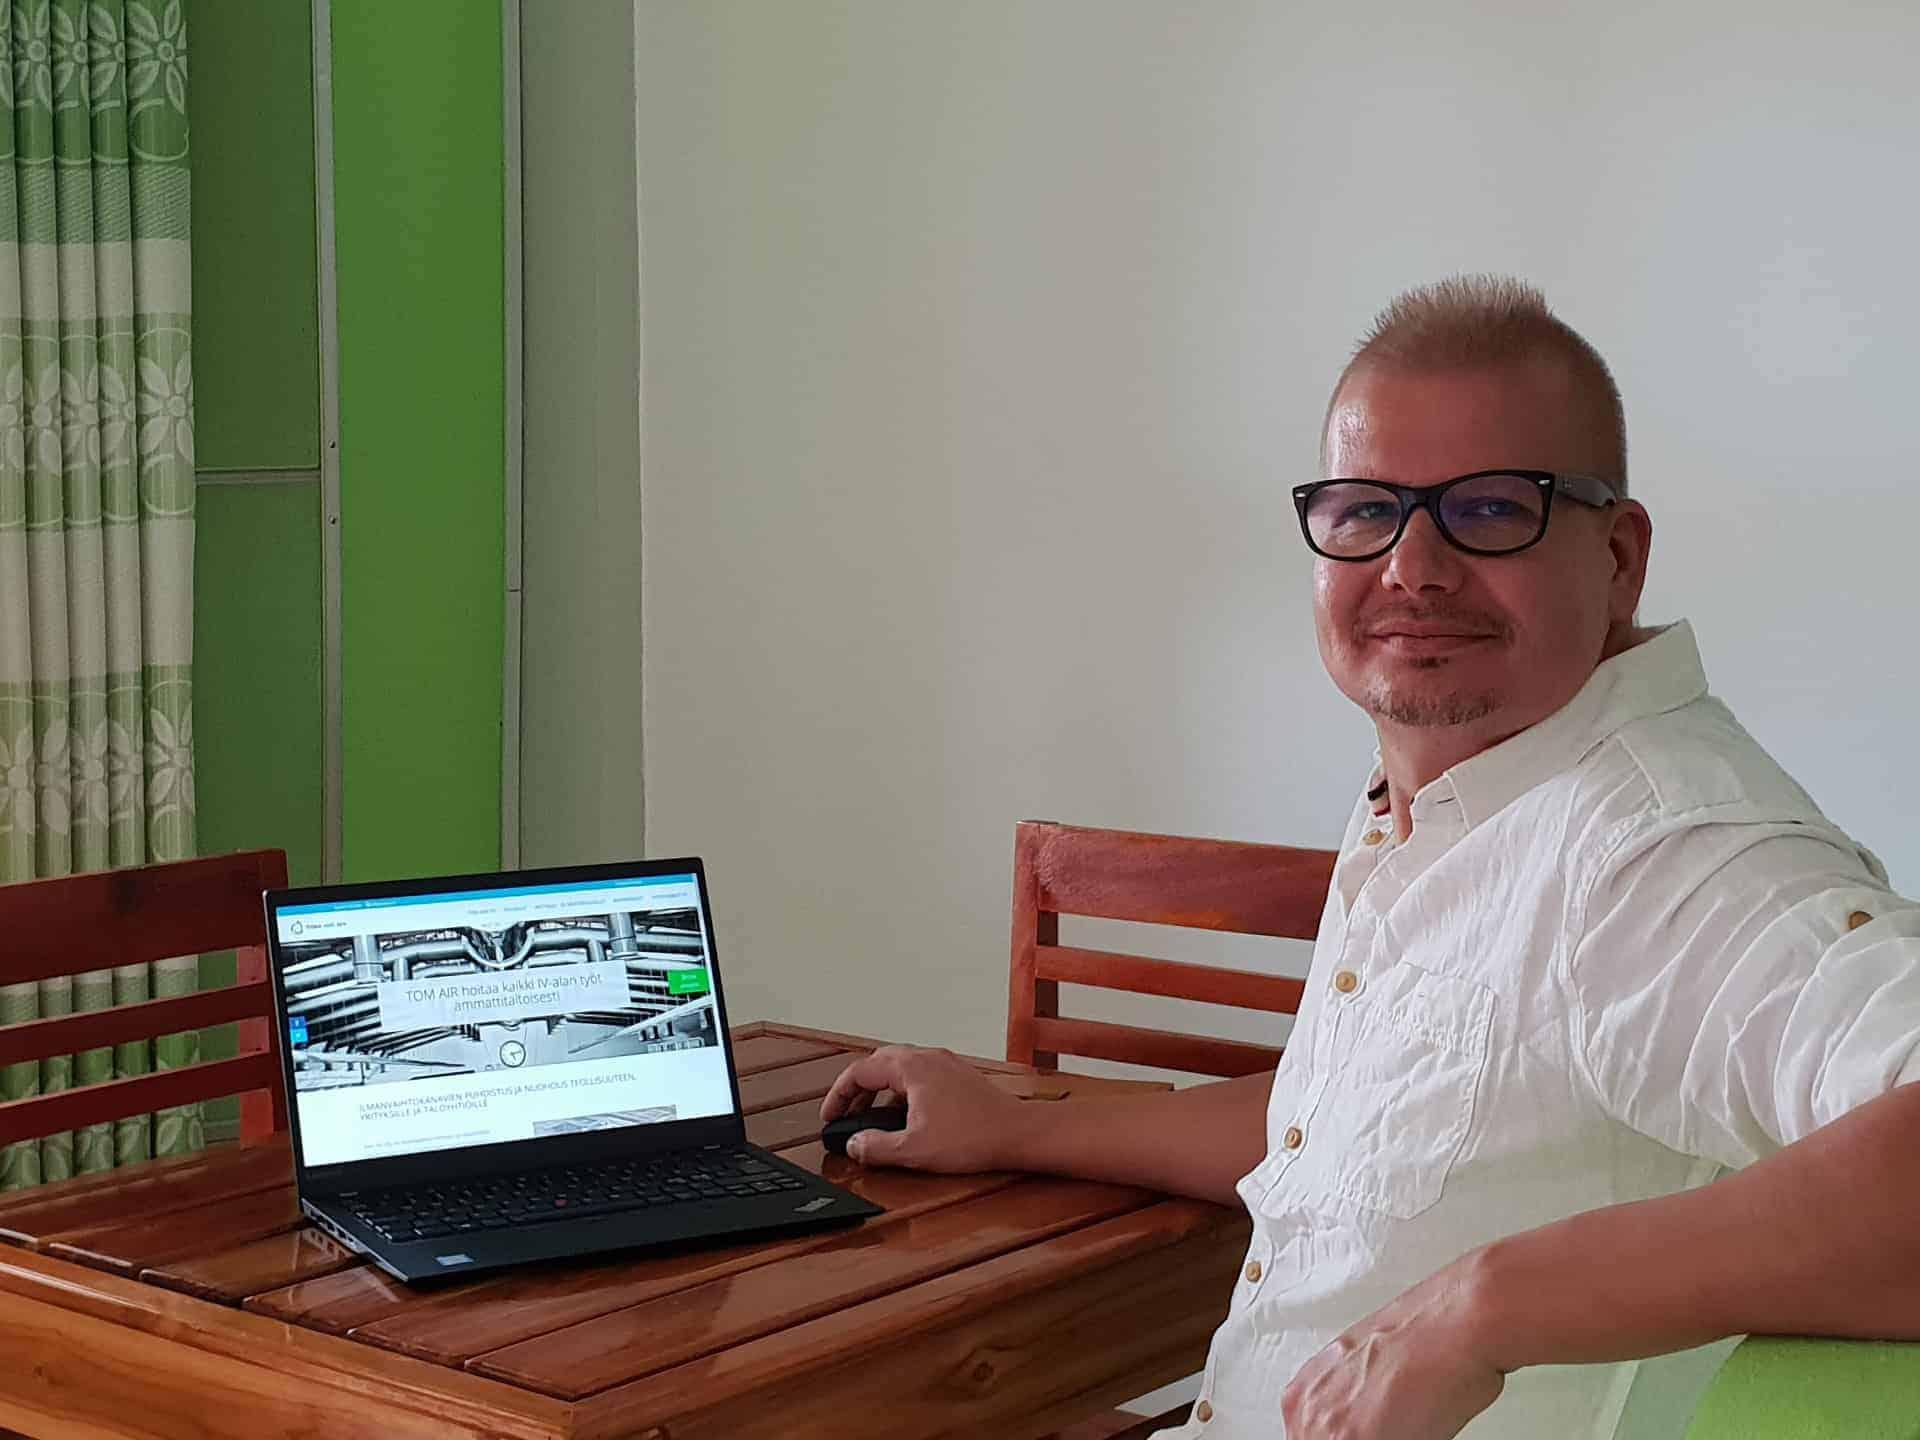 Yrityskotisivut ja nettisivut WordPress, Avosorsa, sisällöntuottaja ja visuaalinen ilme.